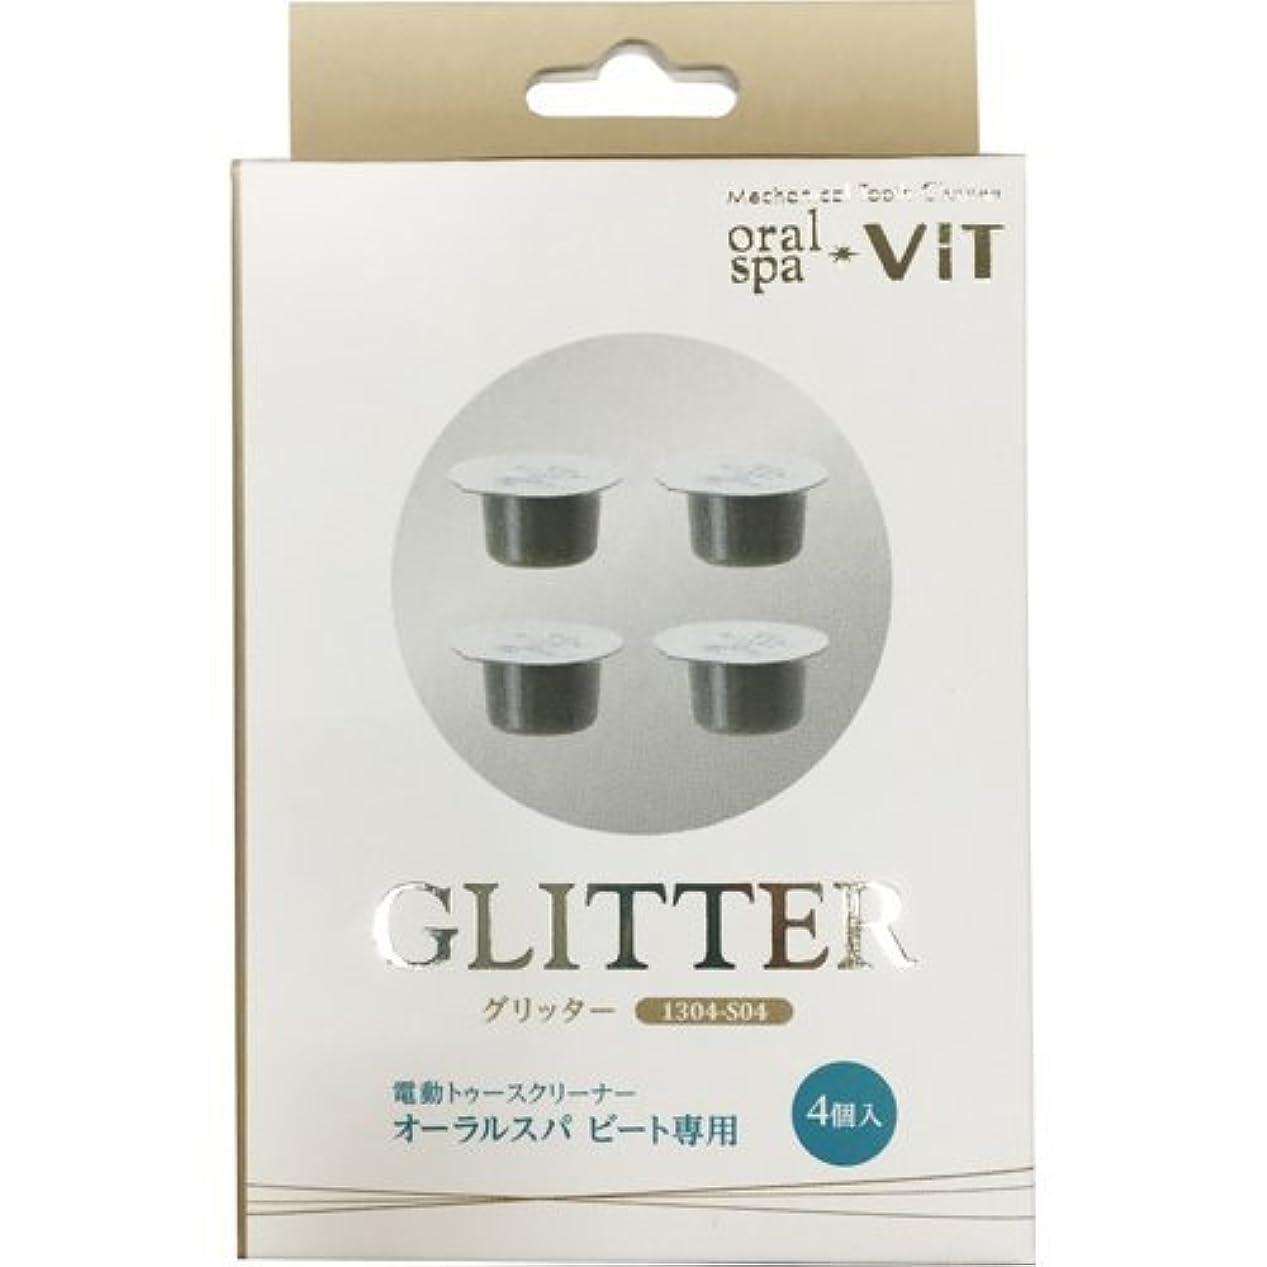 虚栄心運命ブート電動トゥースクリーナー oral spa VIT(オーラルスパビート)専用グリッター スペアミント 4個入